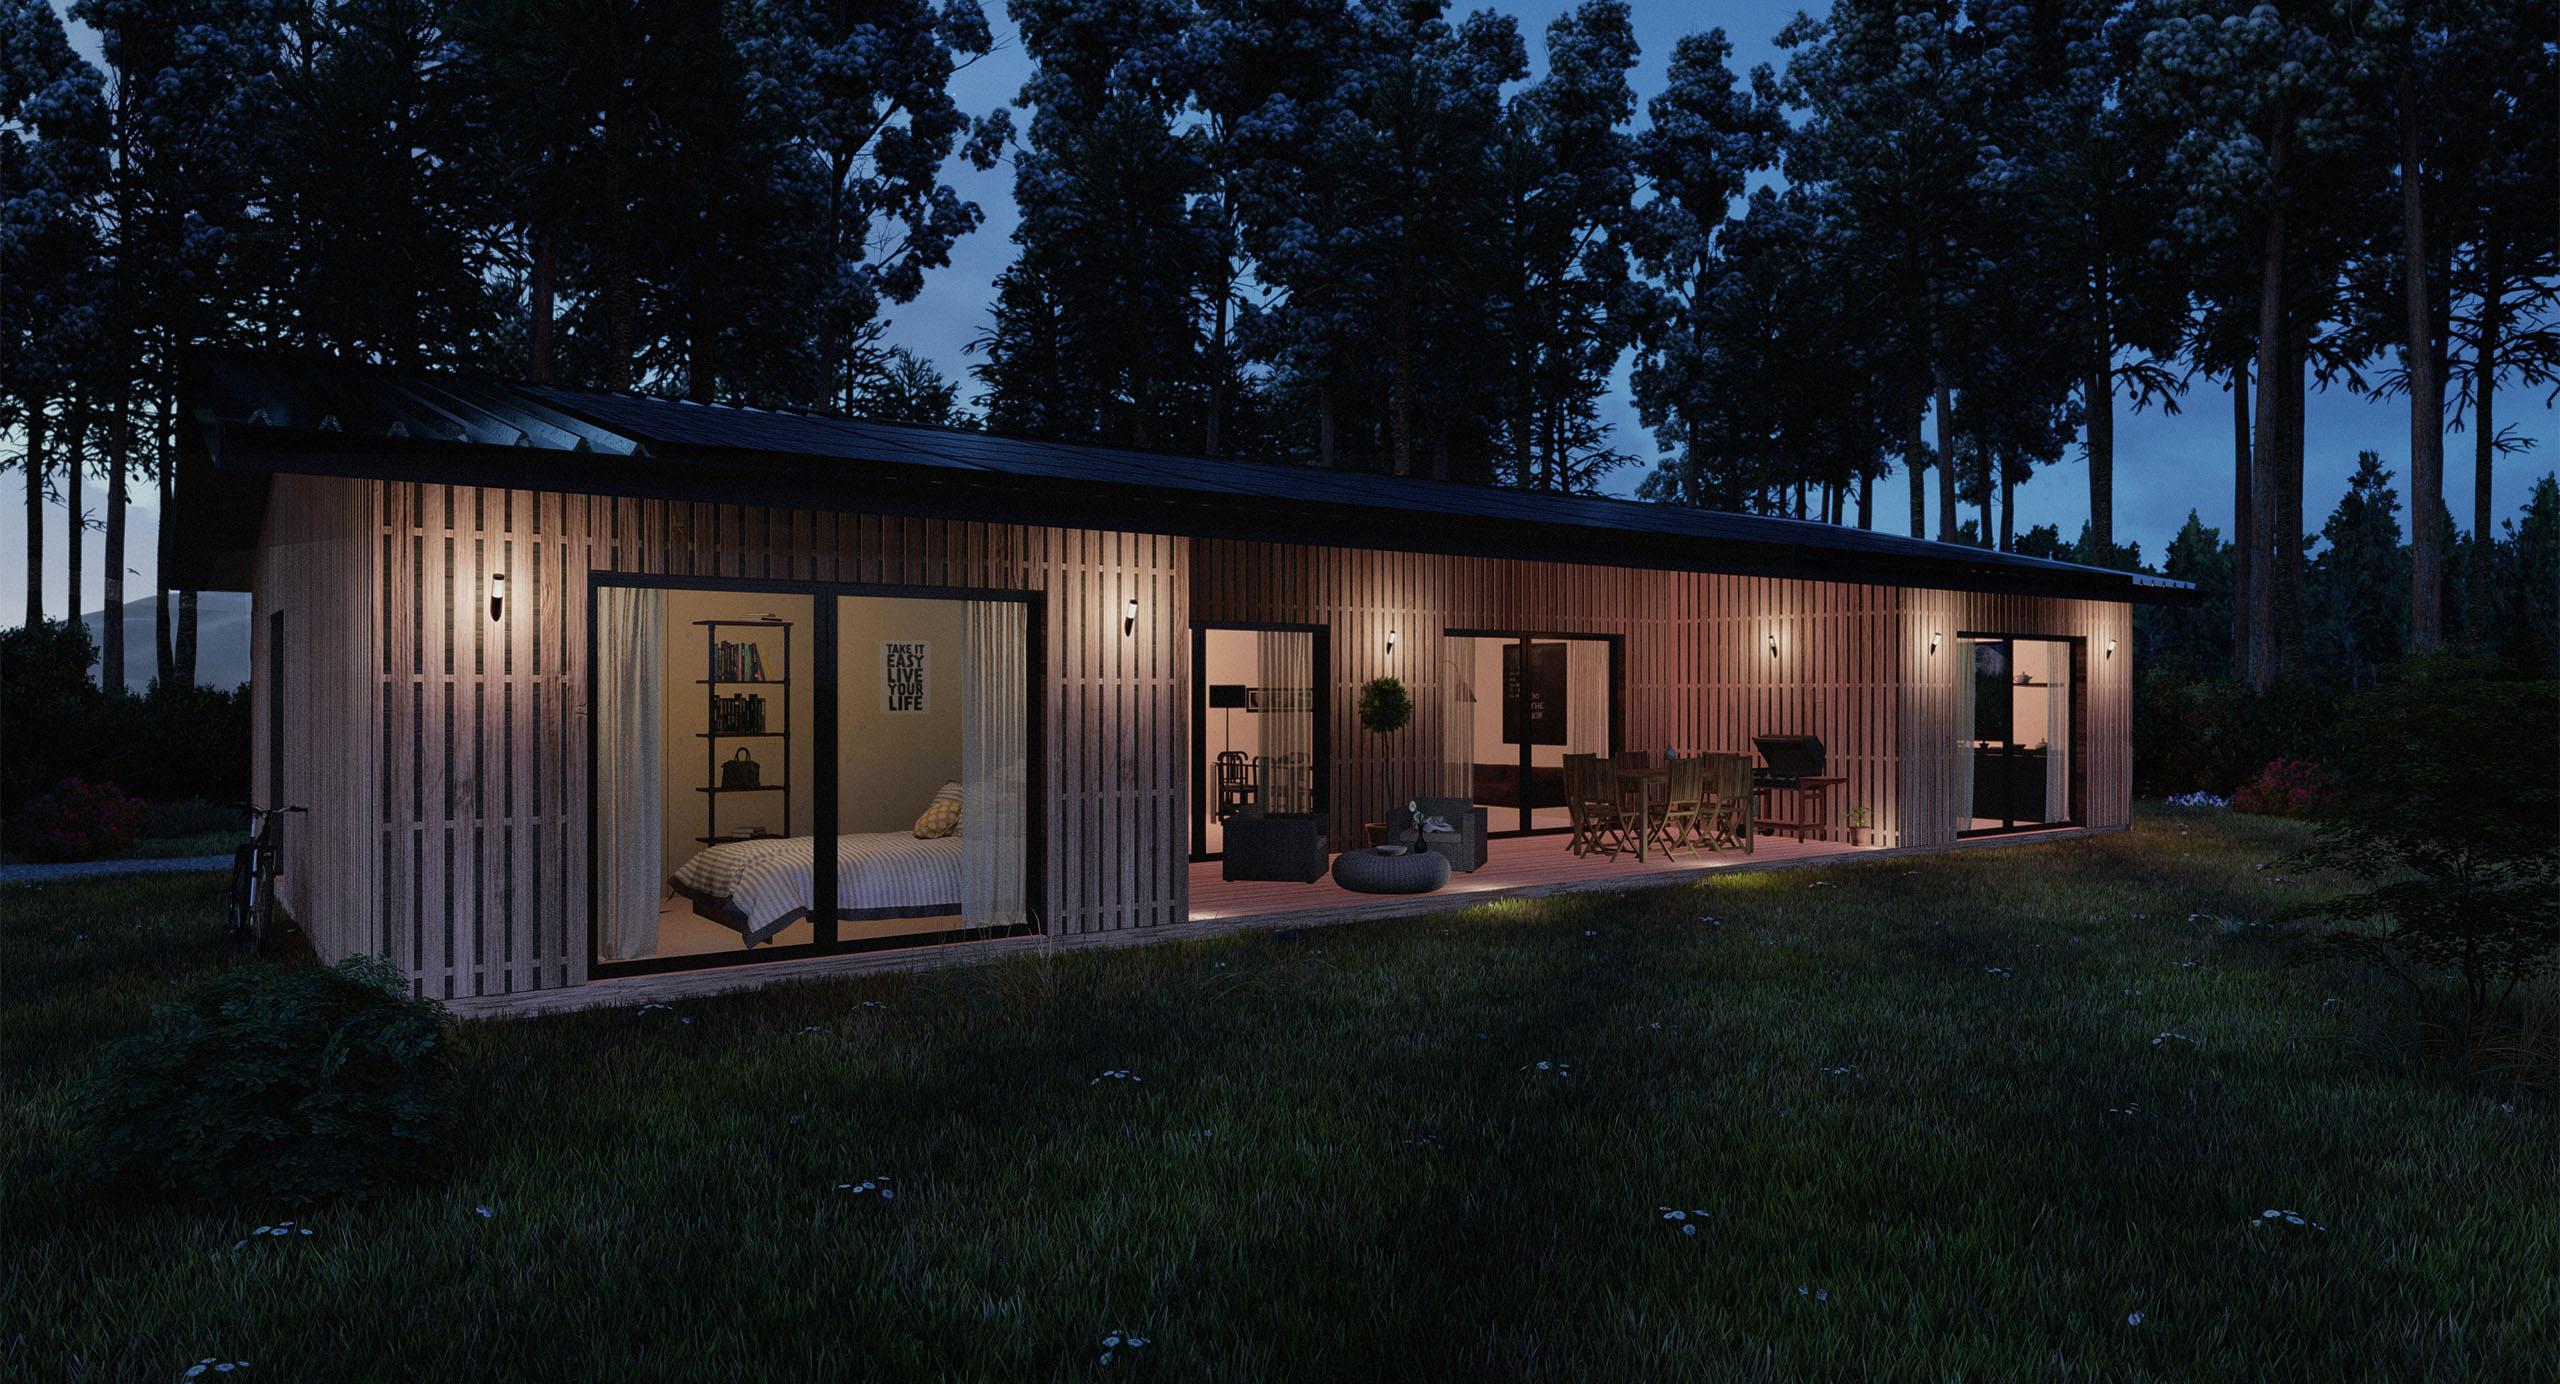 visuel_nouvelle_gamme_maison-ecologique_nuru